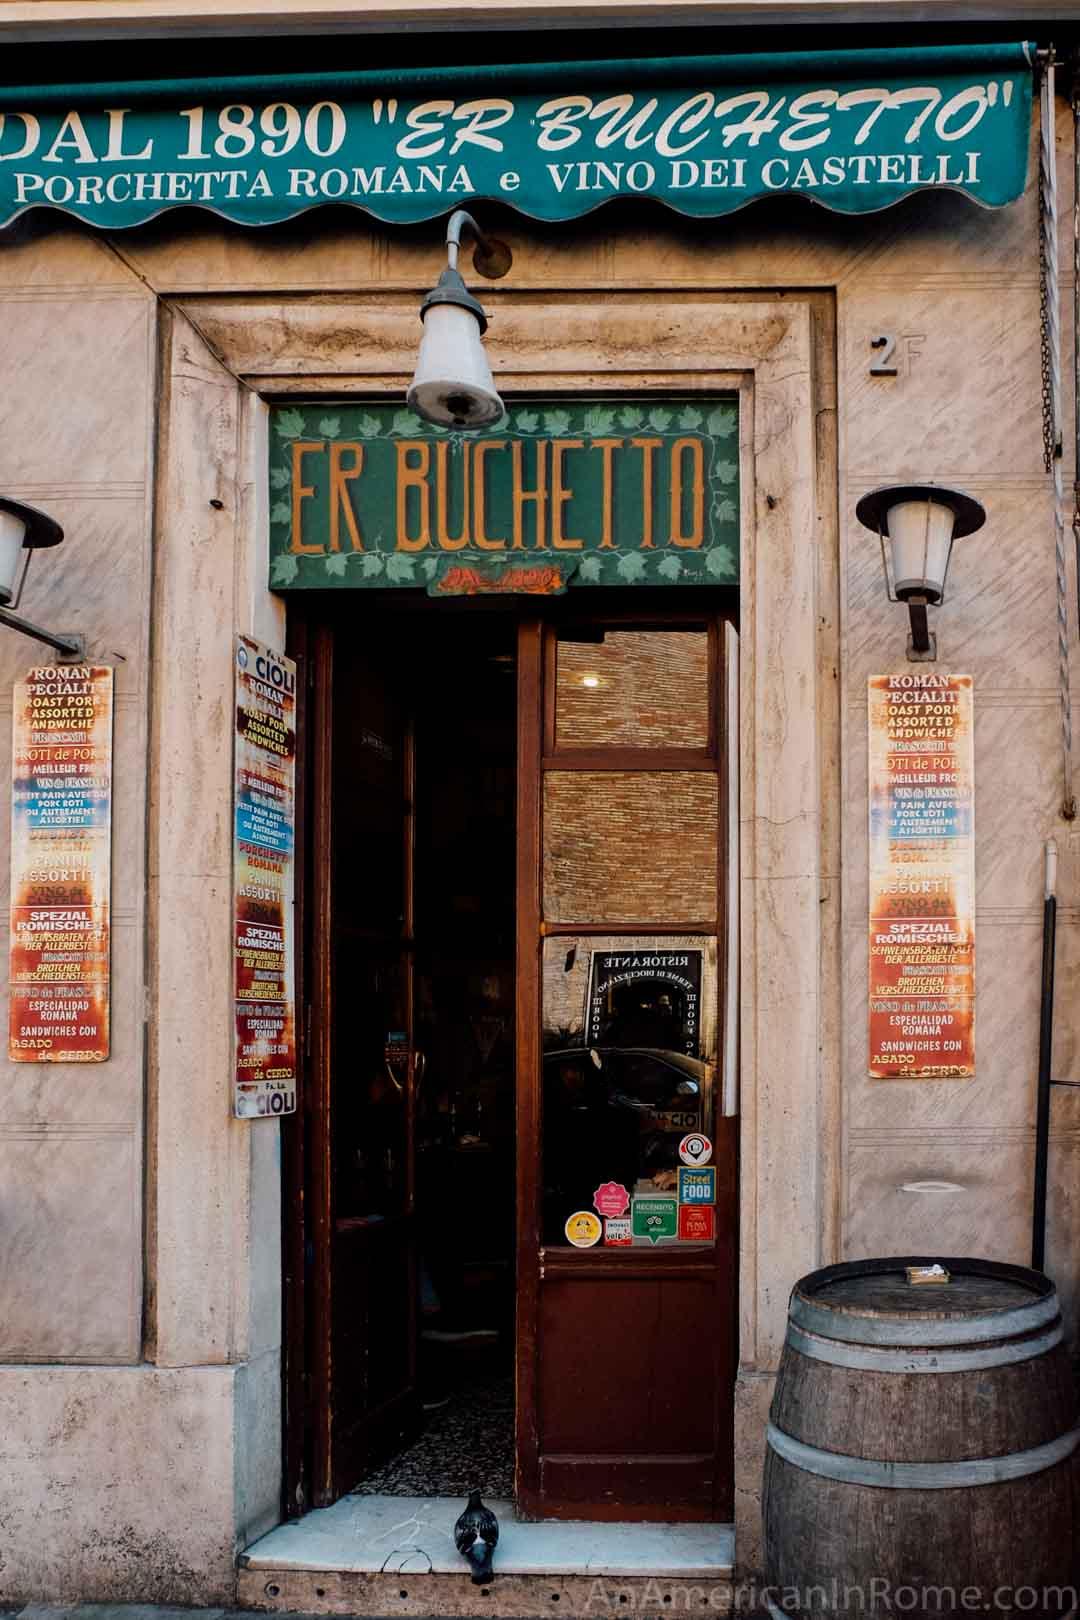 doorway to small porchetta shop er buchetto in rome